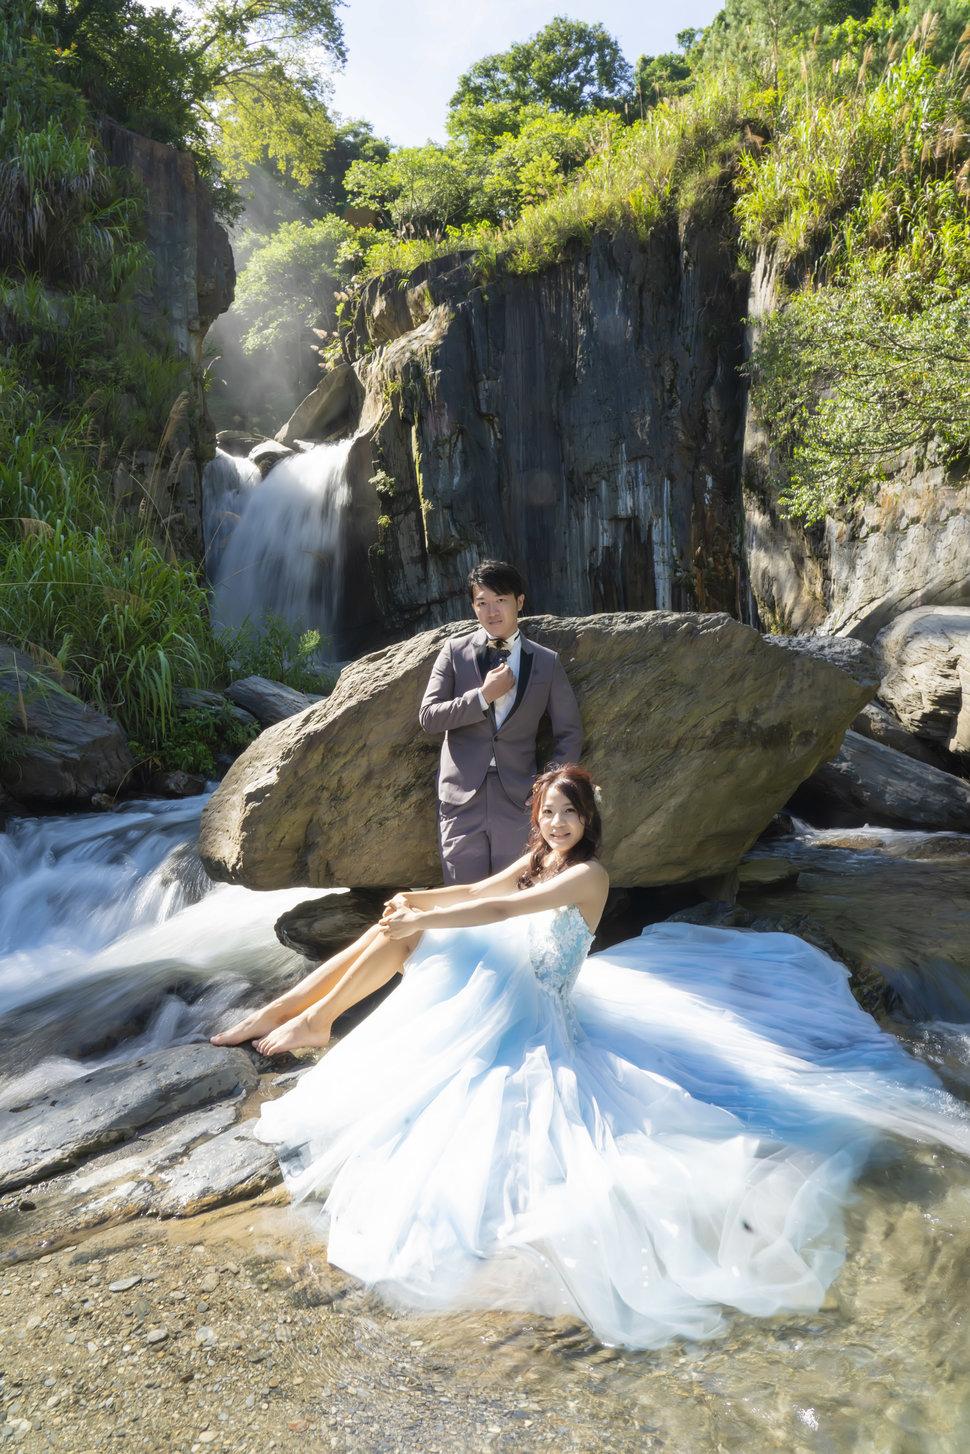 DSC02039 - 高雄潘朵拉婚紗攝影工作室《結婚吧》